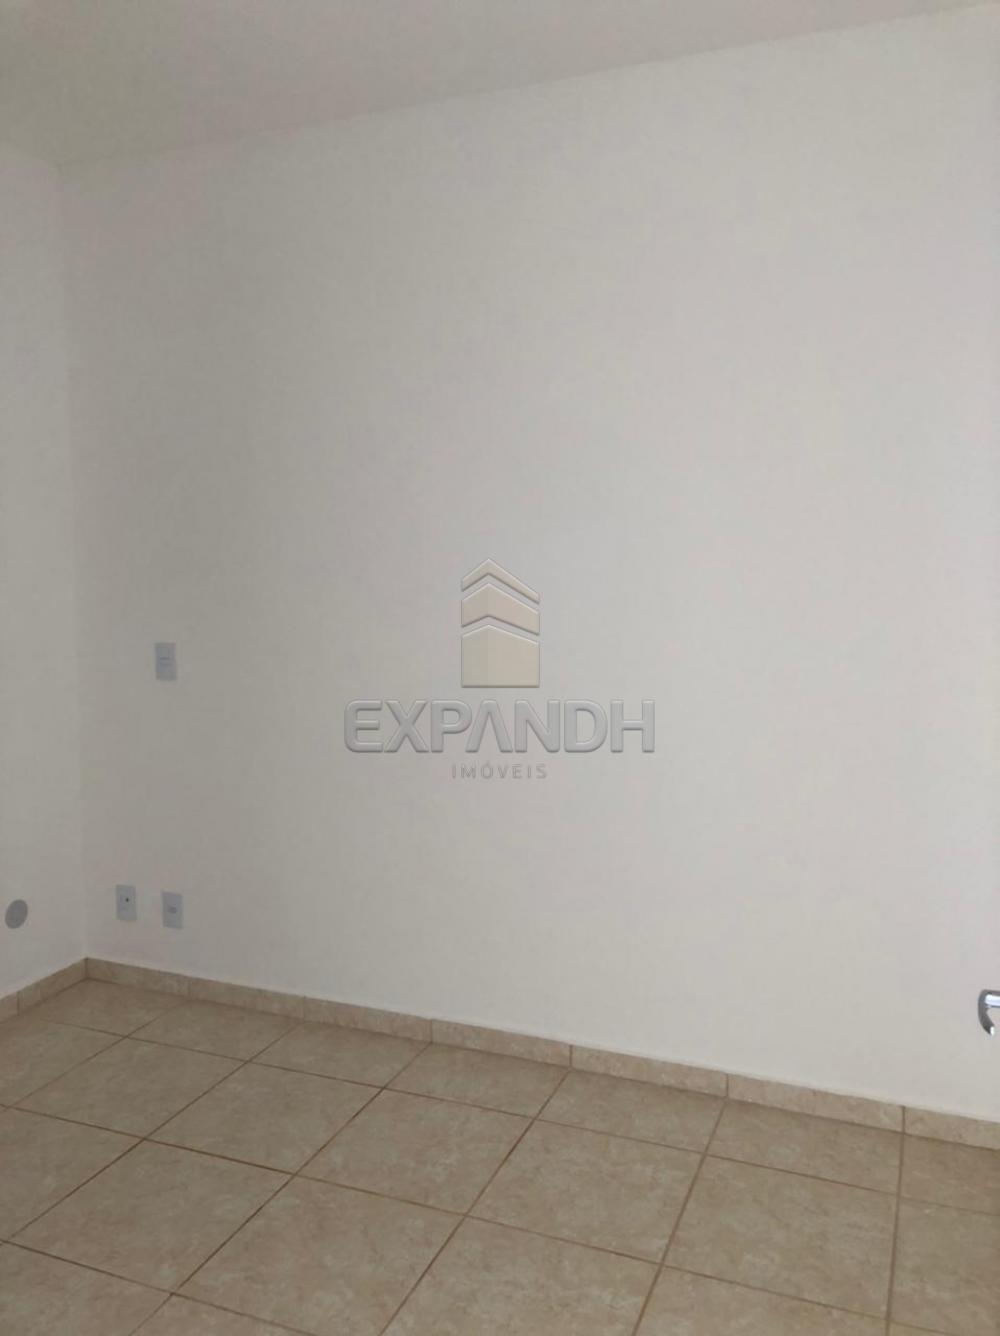 Alugar Casas / Padrão em Sertãozinho R$ 850,00 - Foto 6